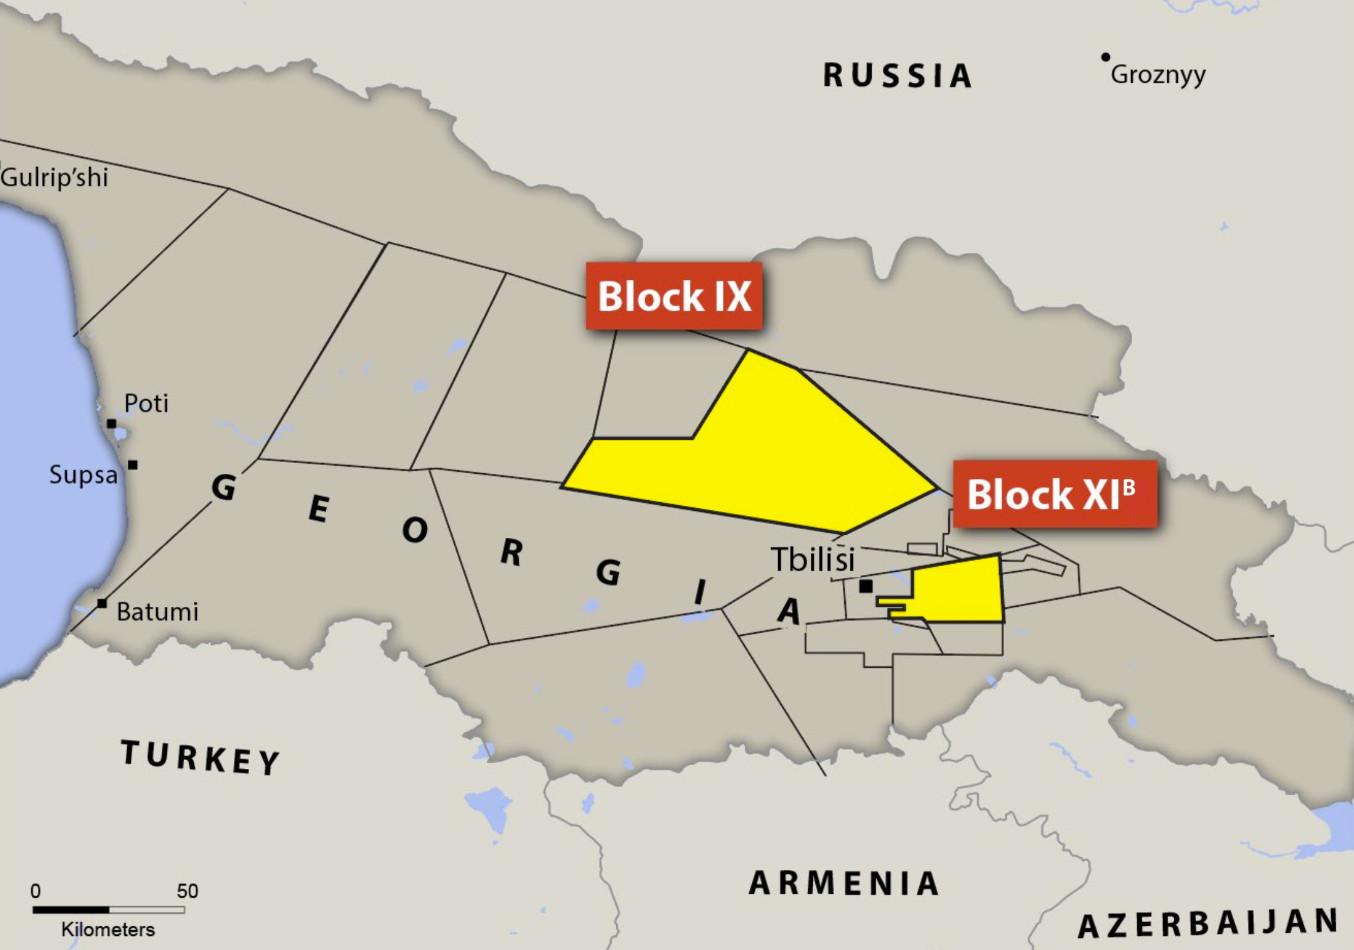 Location of Blocks XIB and IX